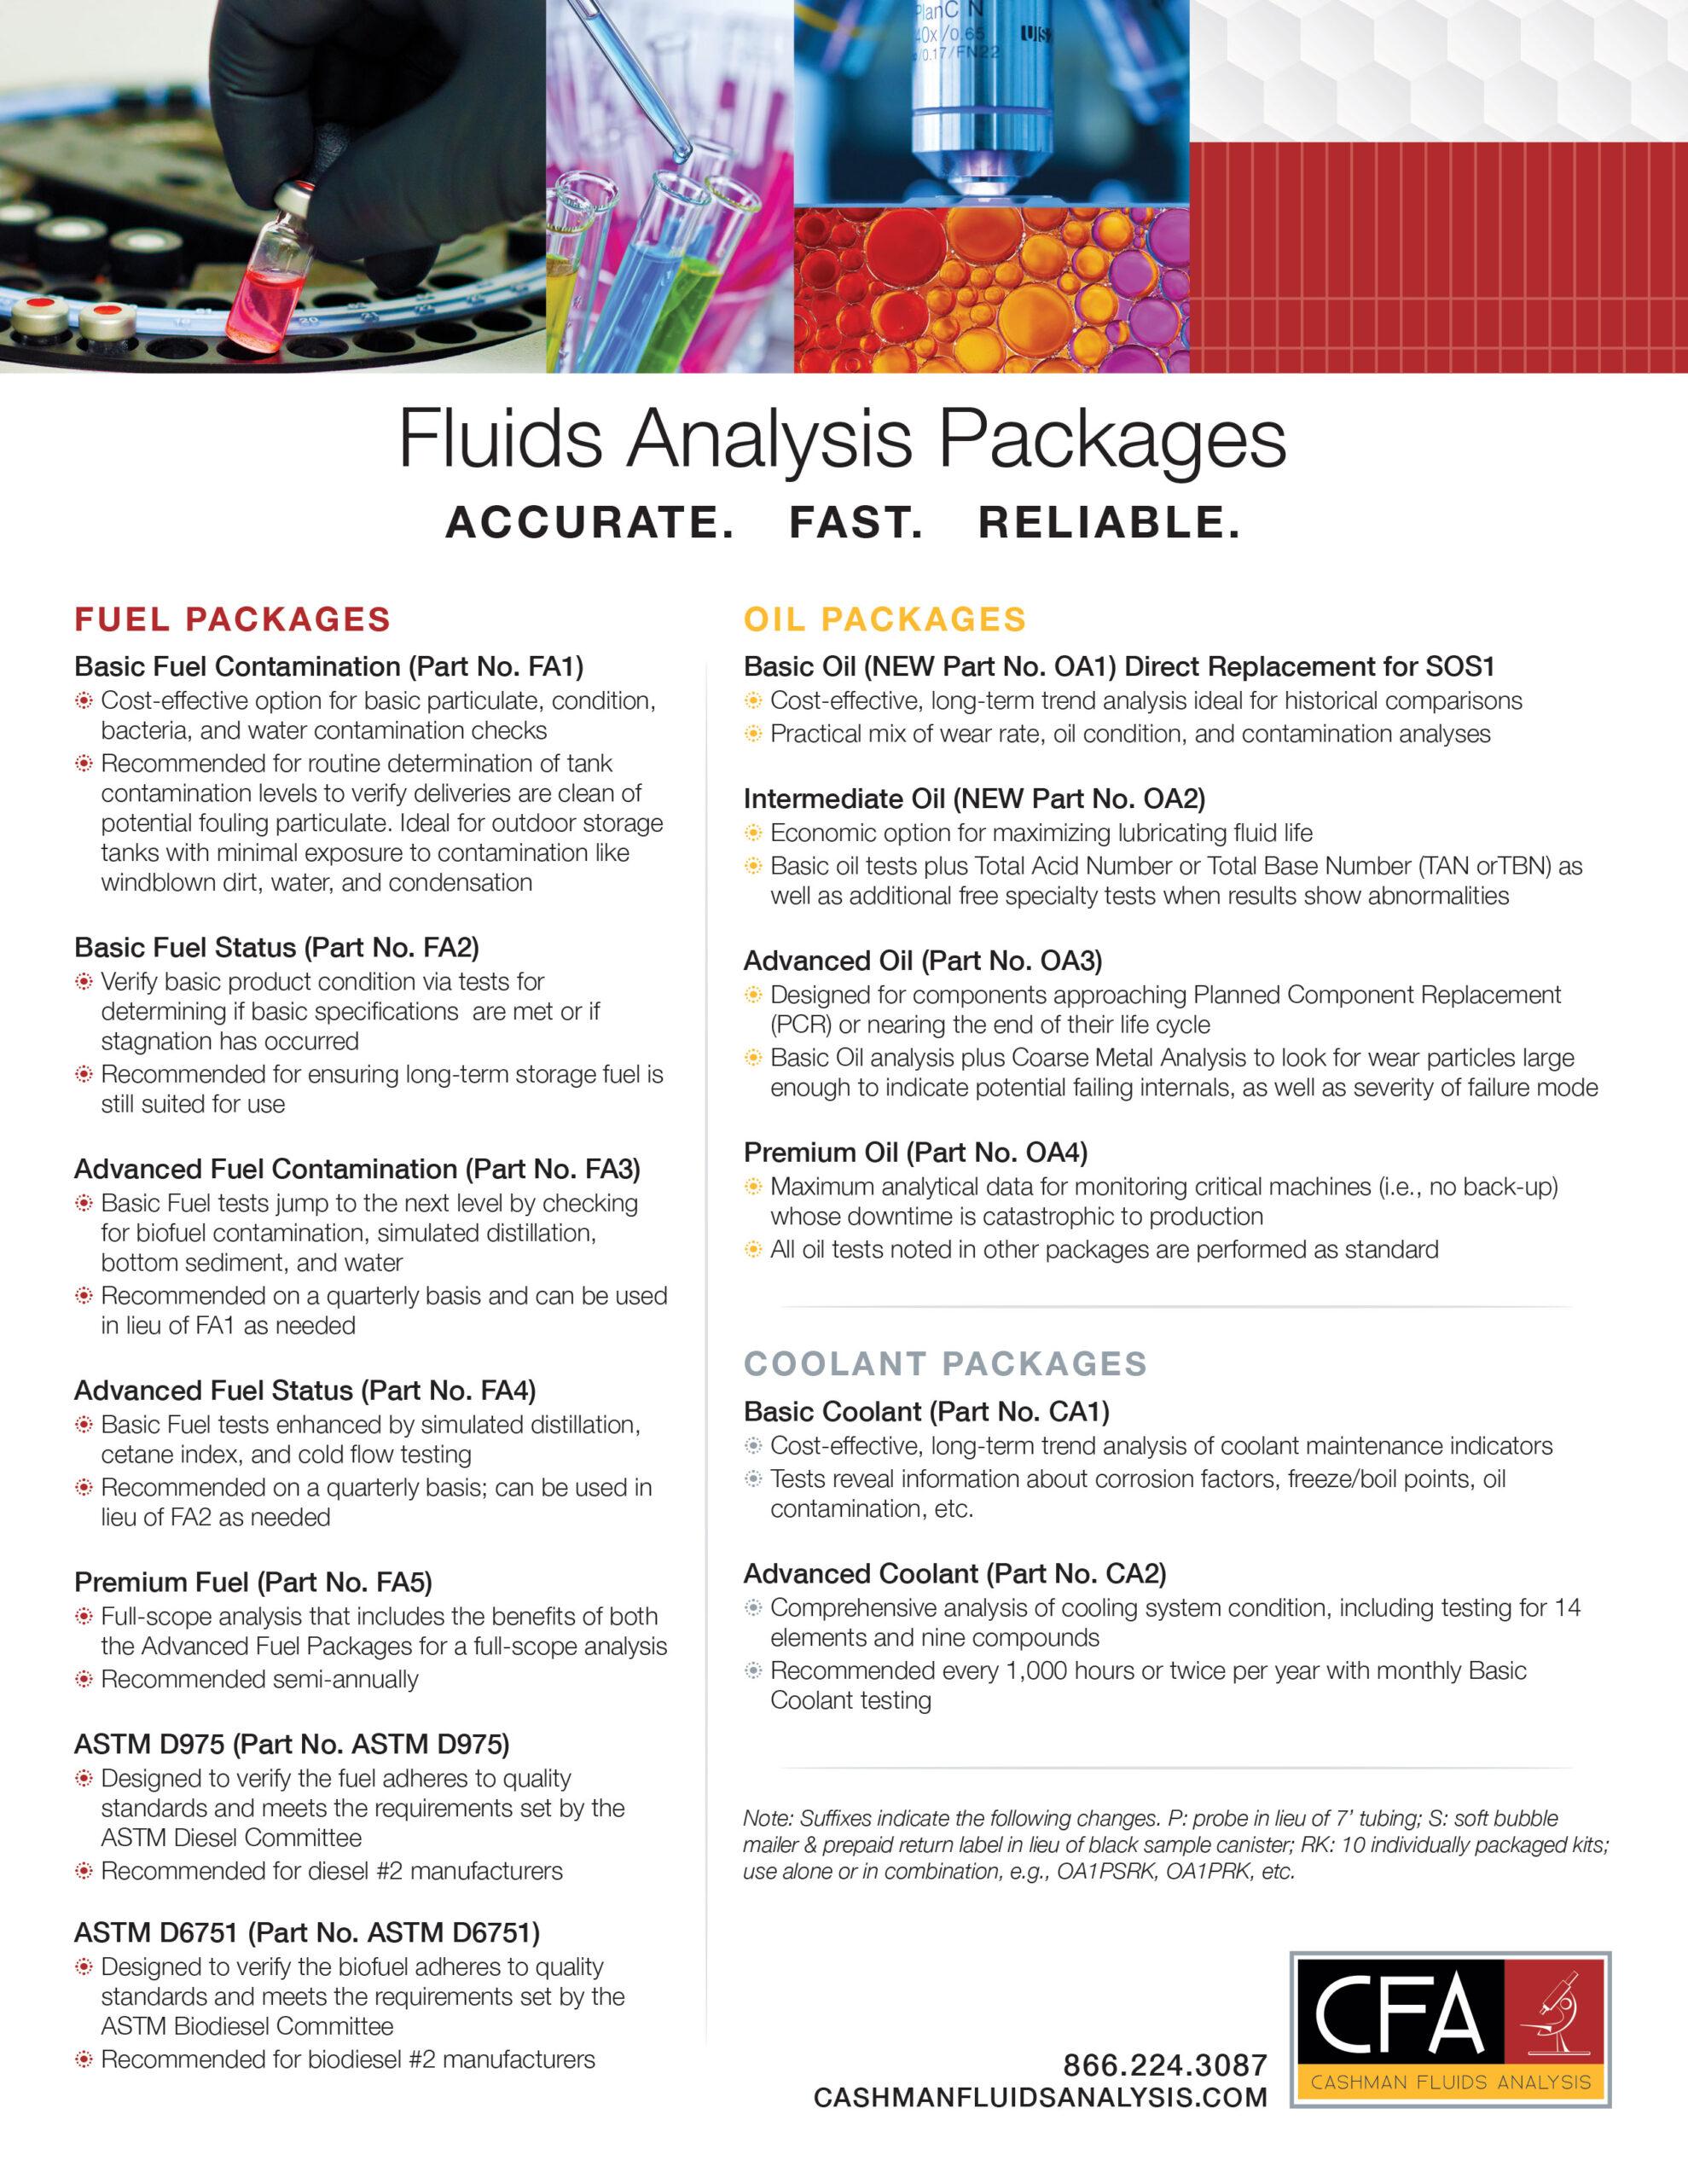 Cashman Fluids Analysis (CFA) Fluids Testing Kits